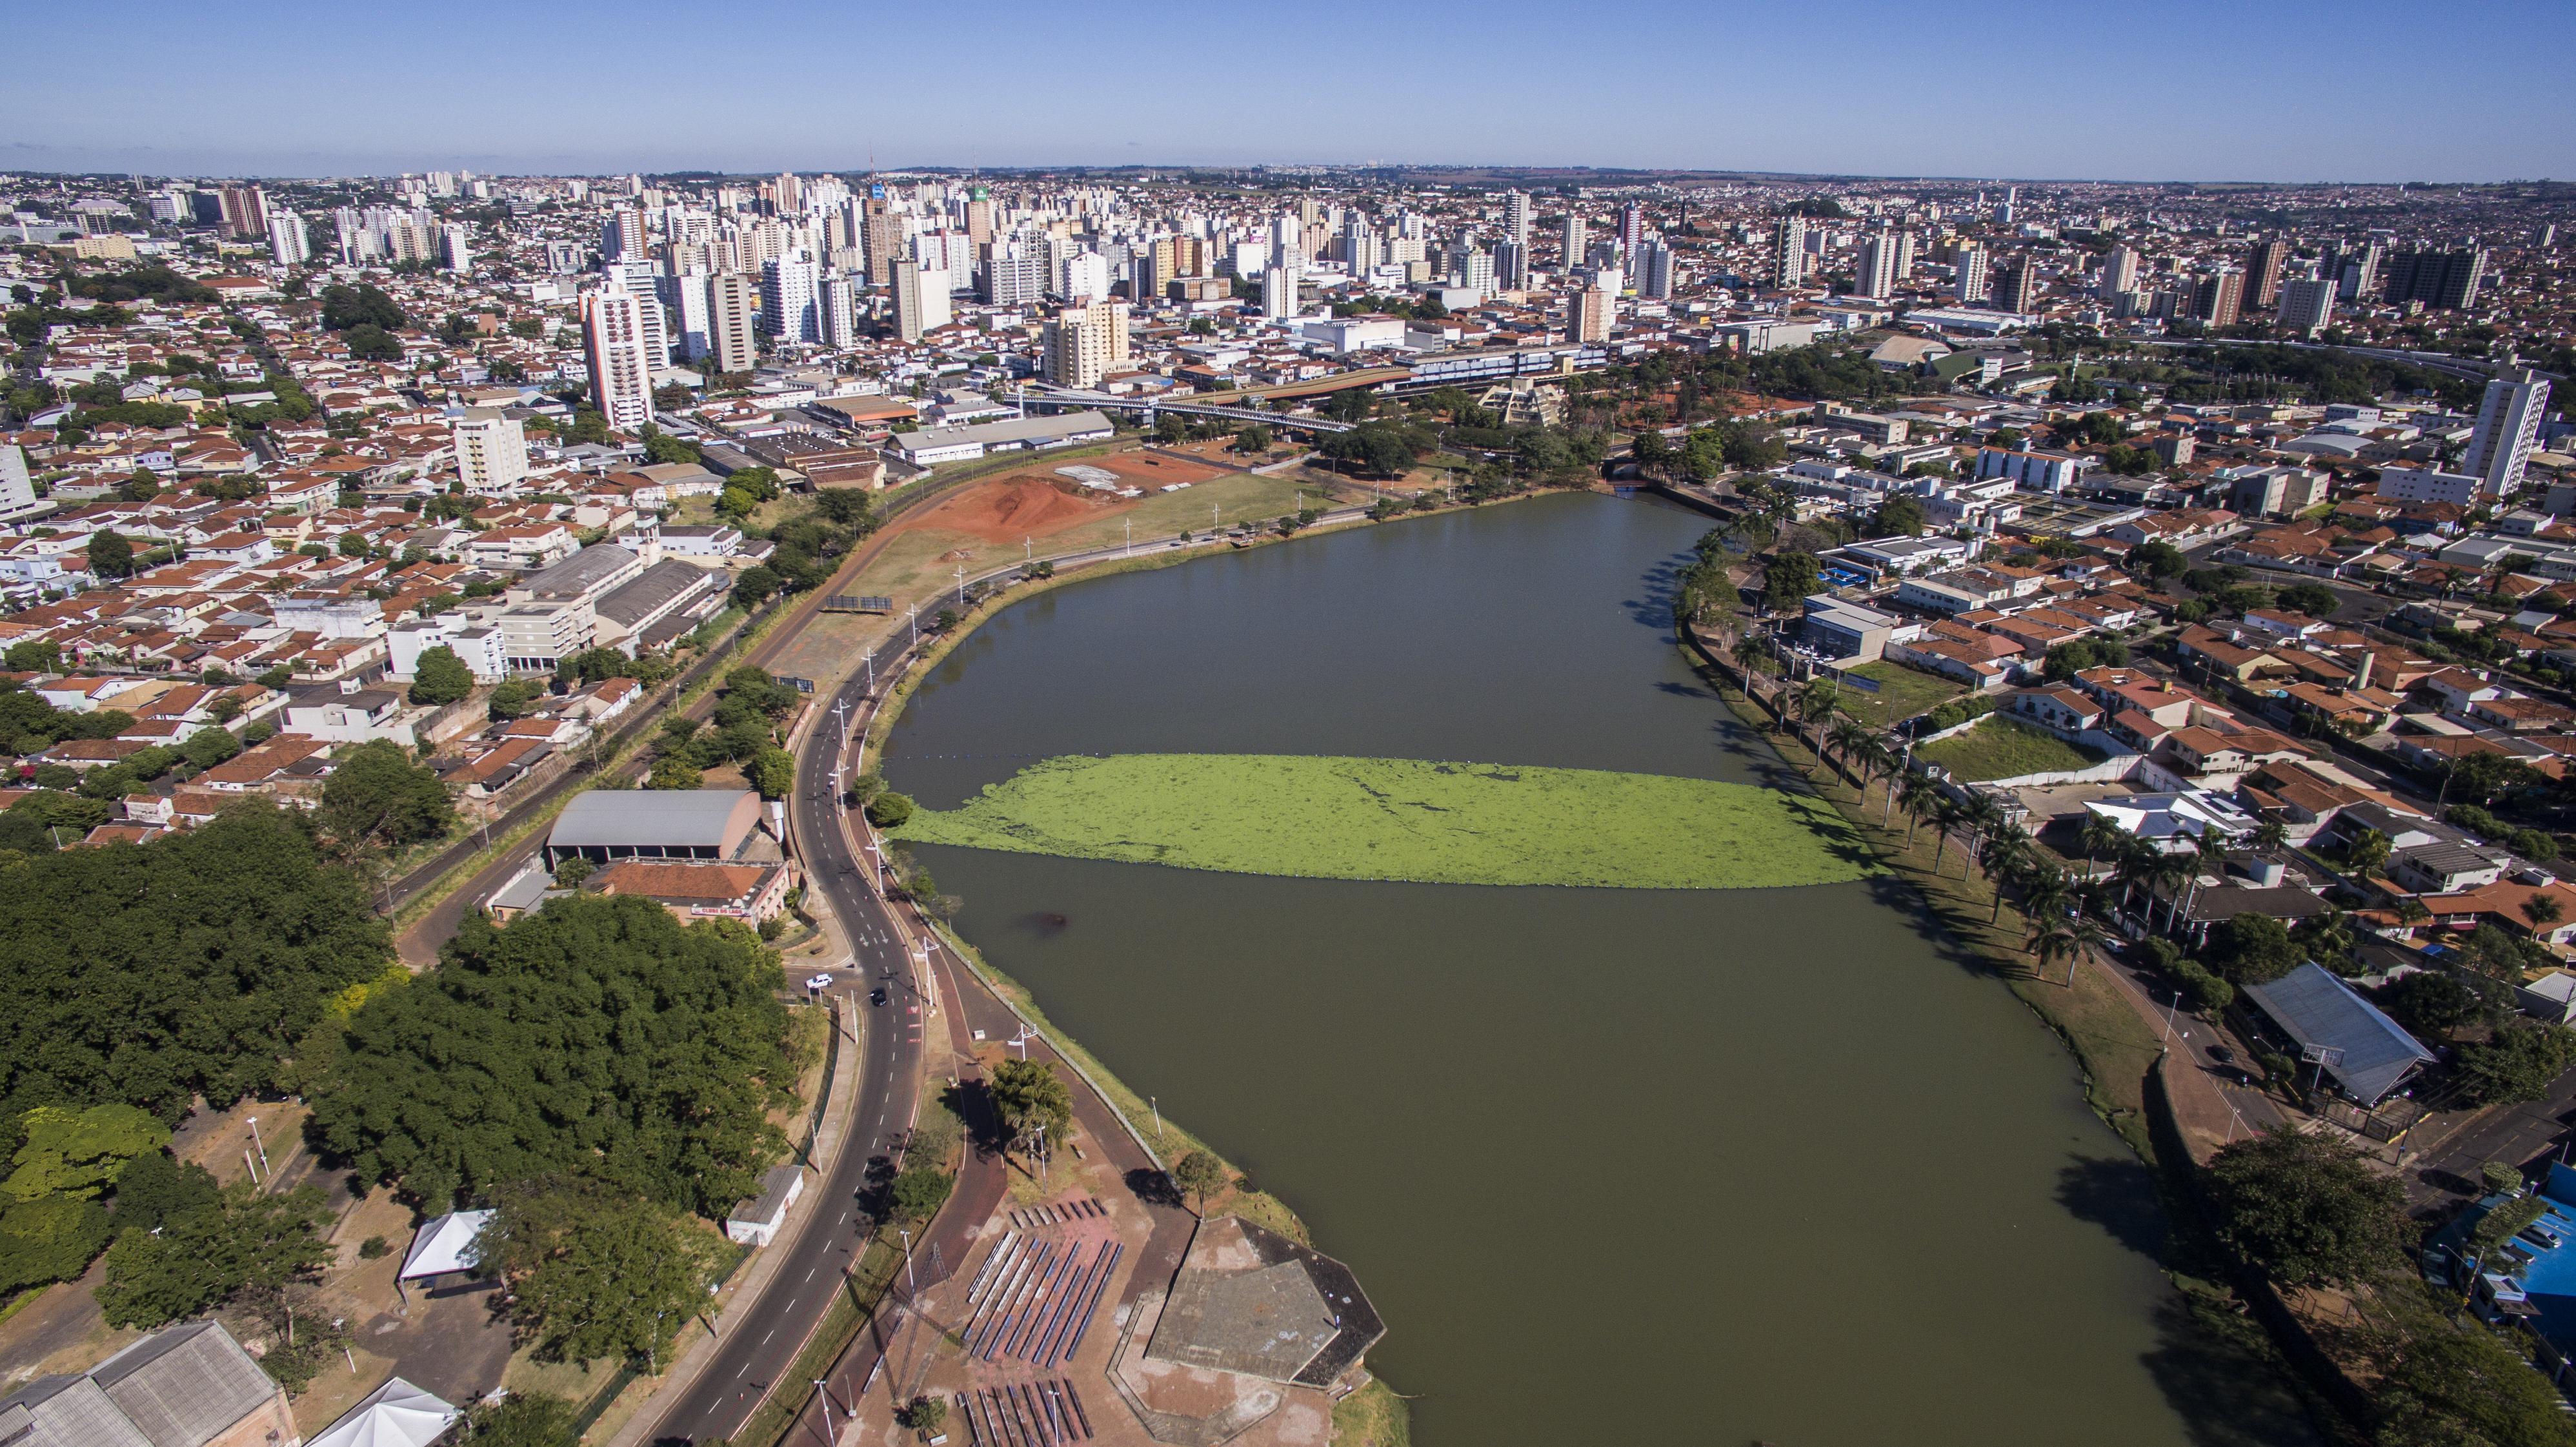 c61240106f60 São José do Rio Preto (SJP) - Status do voo, mapas e muito mais - KAYAK